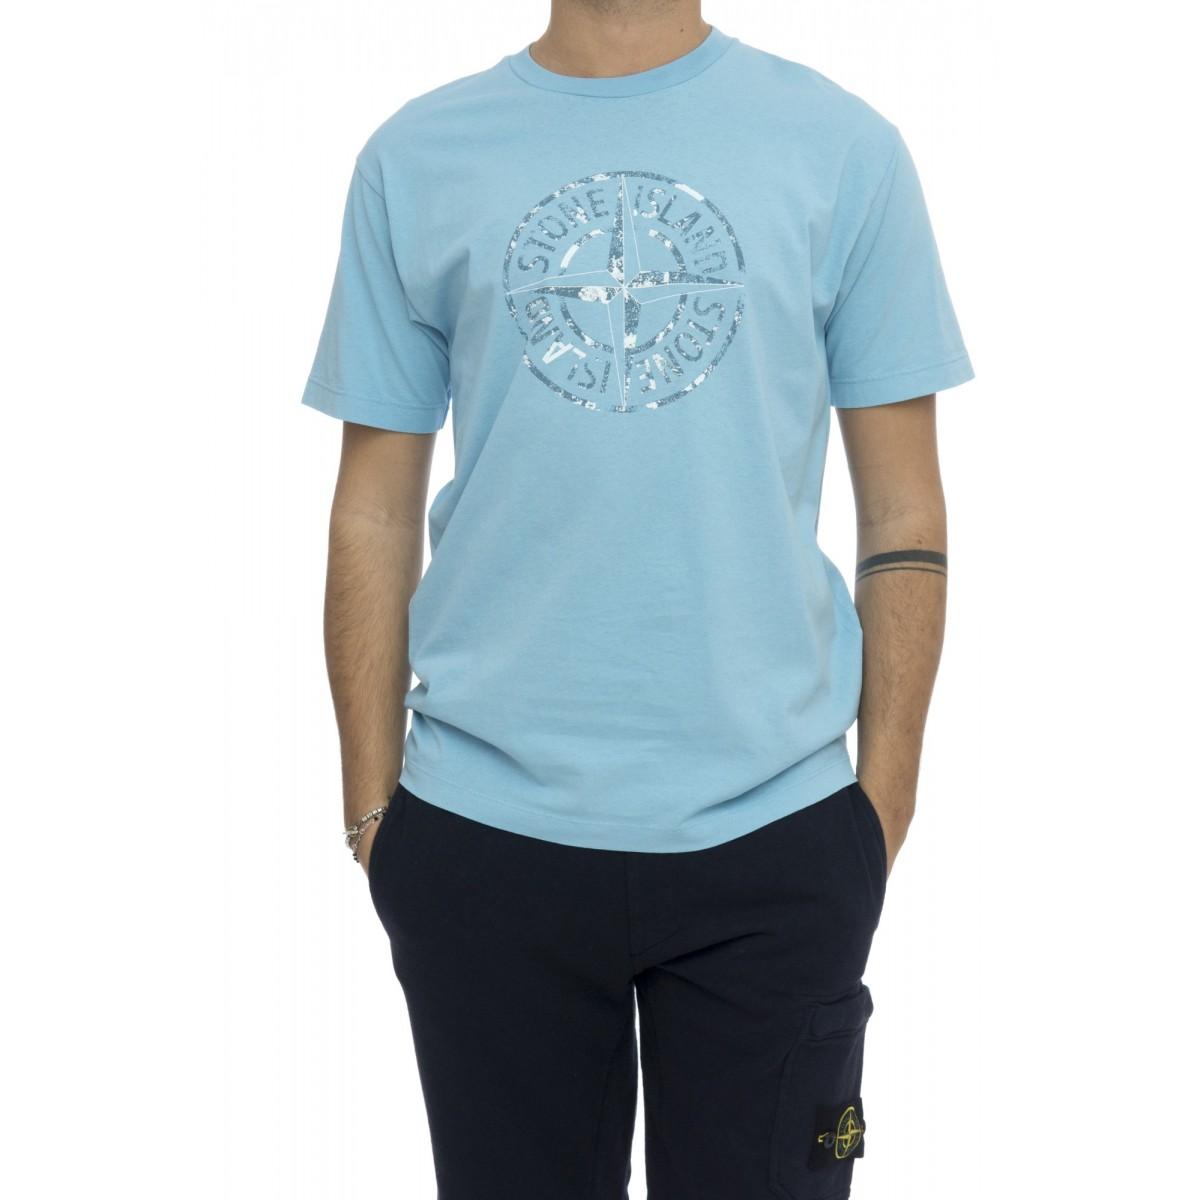 T-shirt - 2ns87